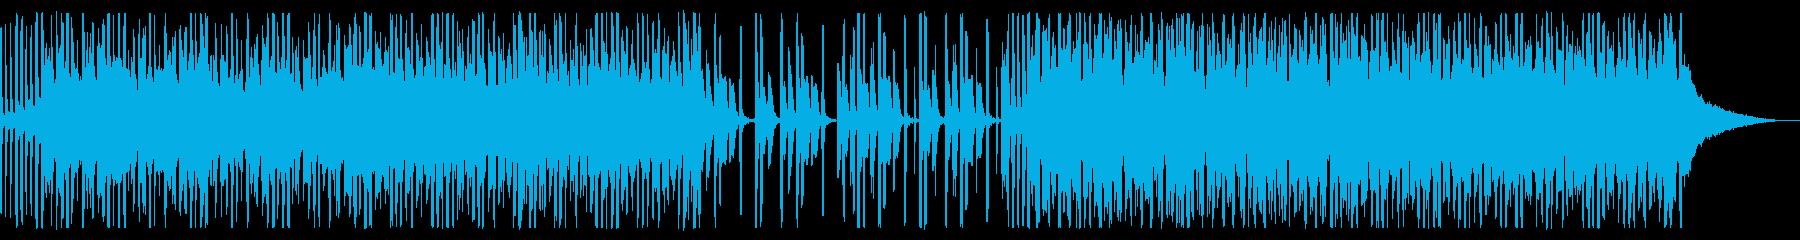 未来を感じる80年代エレクトロ_2の再生済みの波形